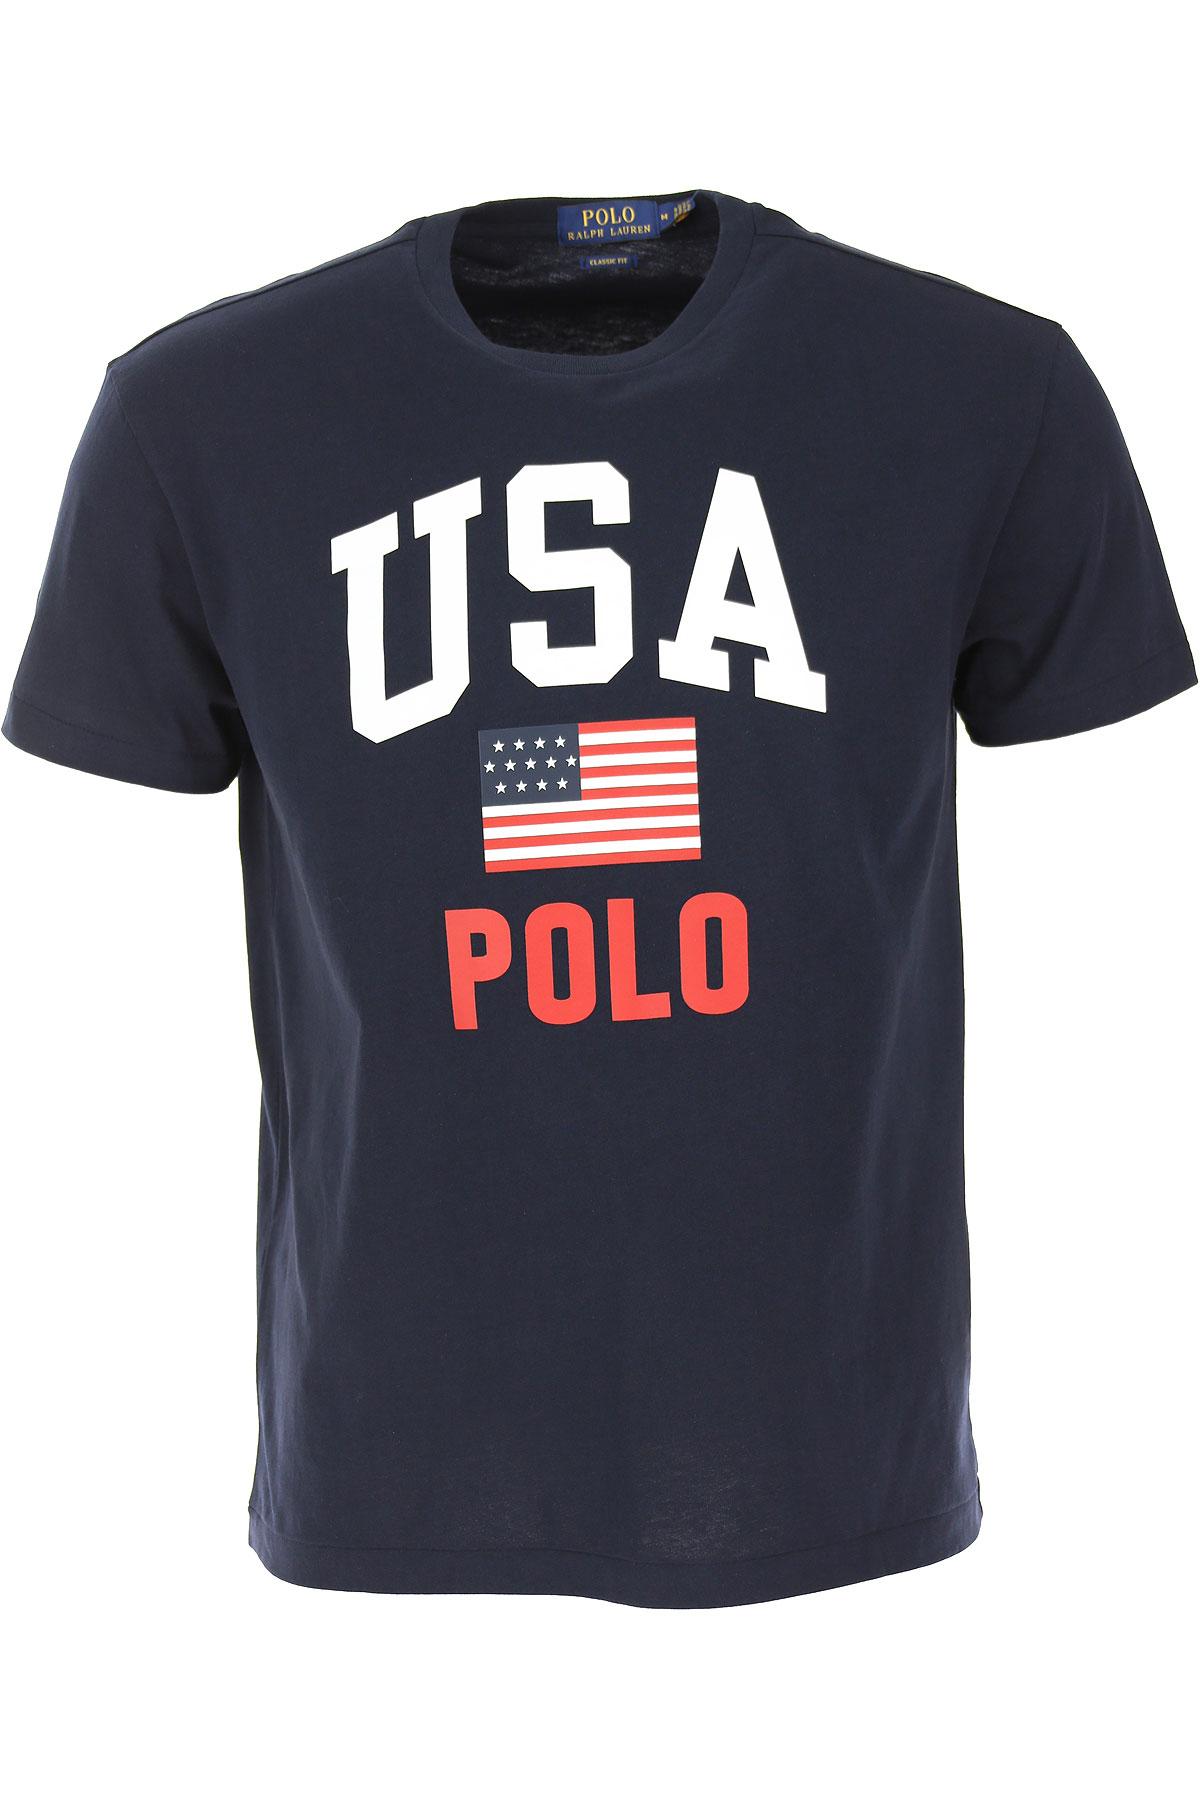 Ralph Lauren T-shirt Homme Pas Cher En Soldes, Bleu Marine Aviateur, Coton, 2019, L M S XL XXL